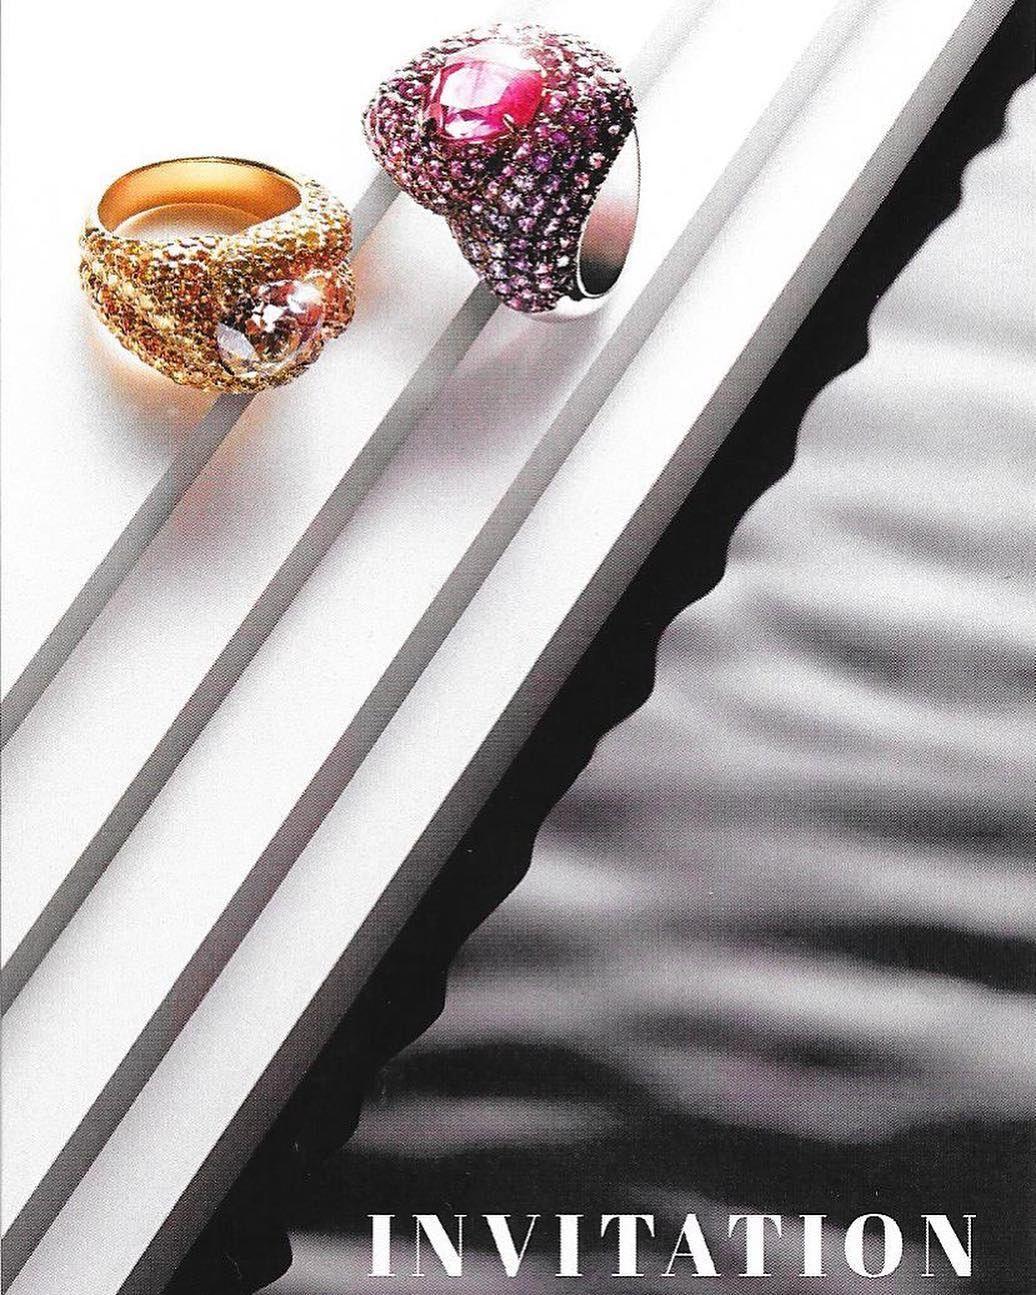 Vente Privee Marion Jeantet Bijoux Paris Du 29 Novembre Au 2 Decembre 2017 Photo By Kenyonmanchego Jewelry Vent In 2020 Engagement Wedding Rings Engagement Rings